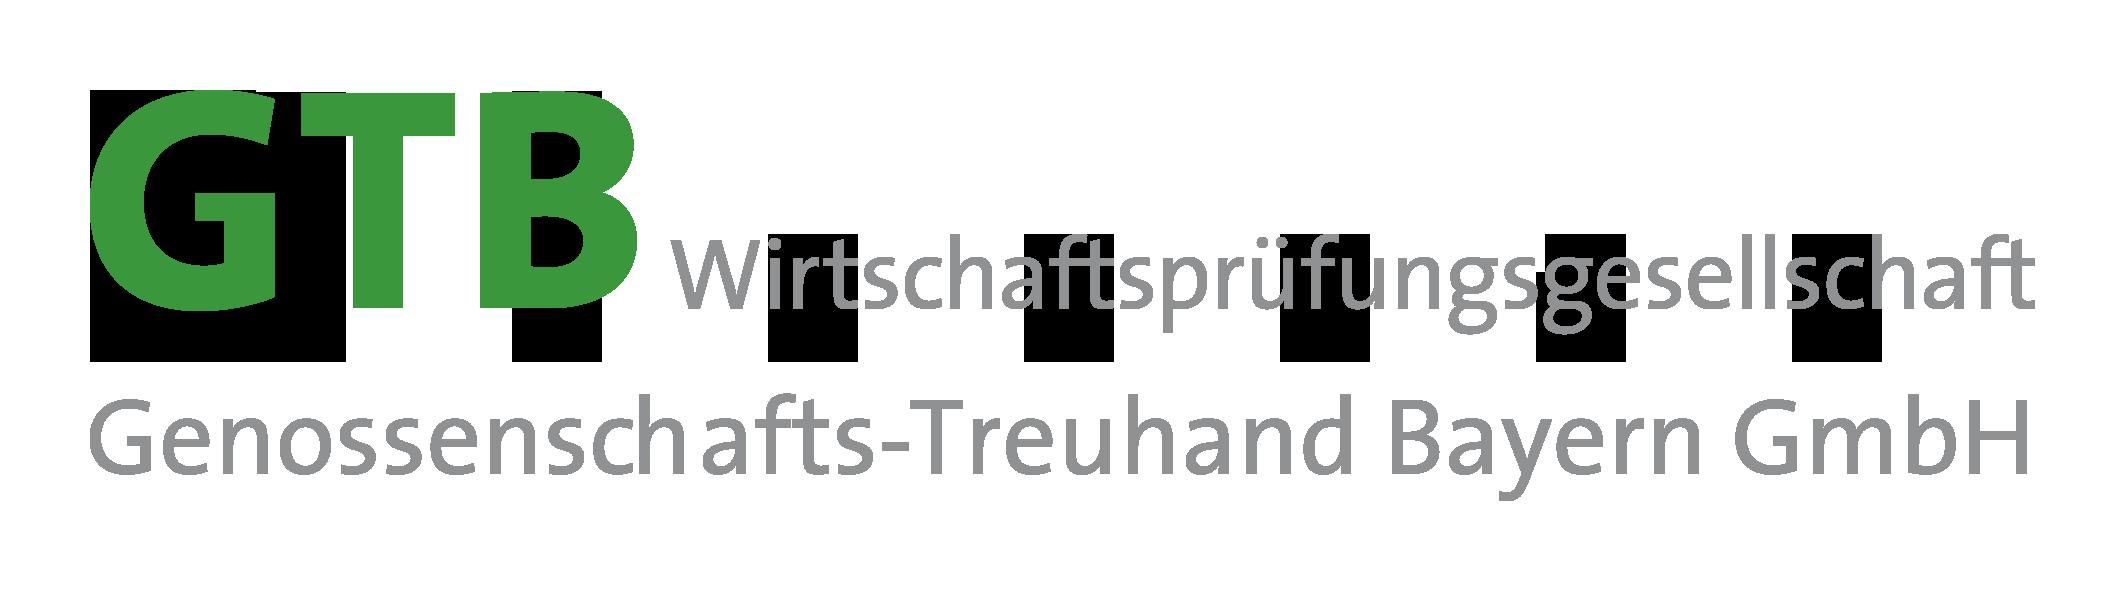 GTB Wirtschaftsprüfungsgesellschaft - Genossenschafts-Treuhand Bayern GmbH Logo